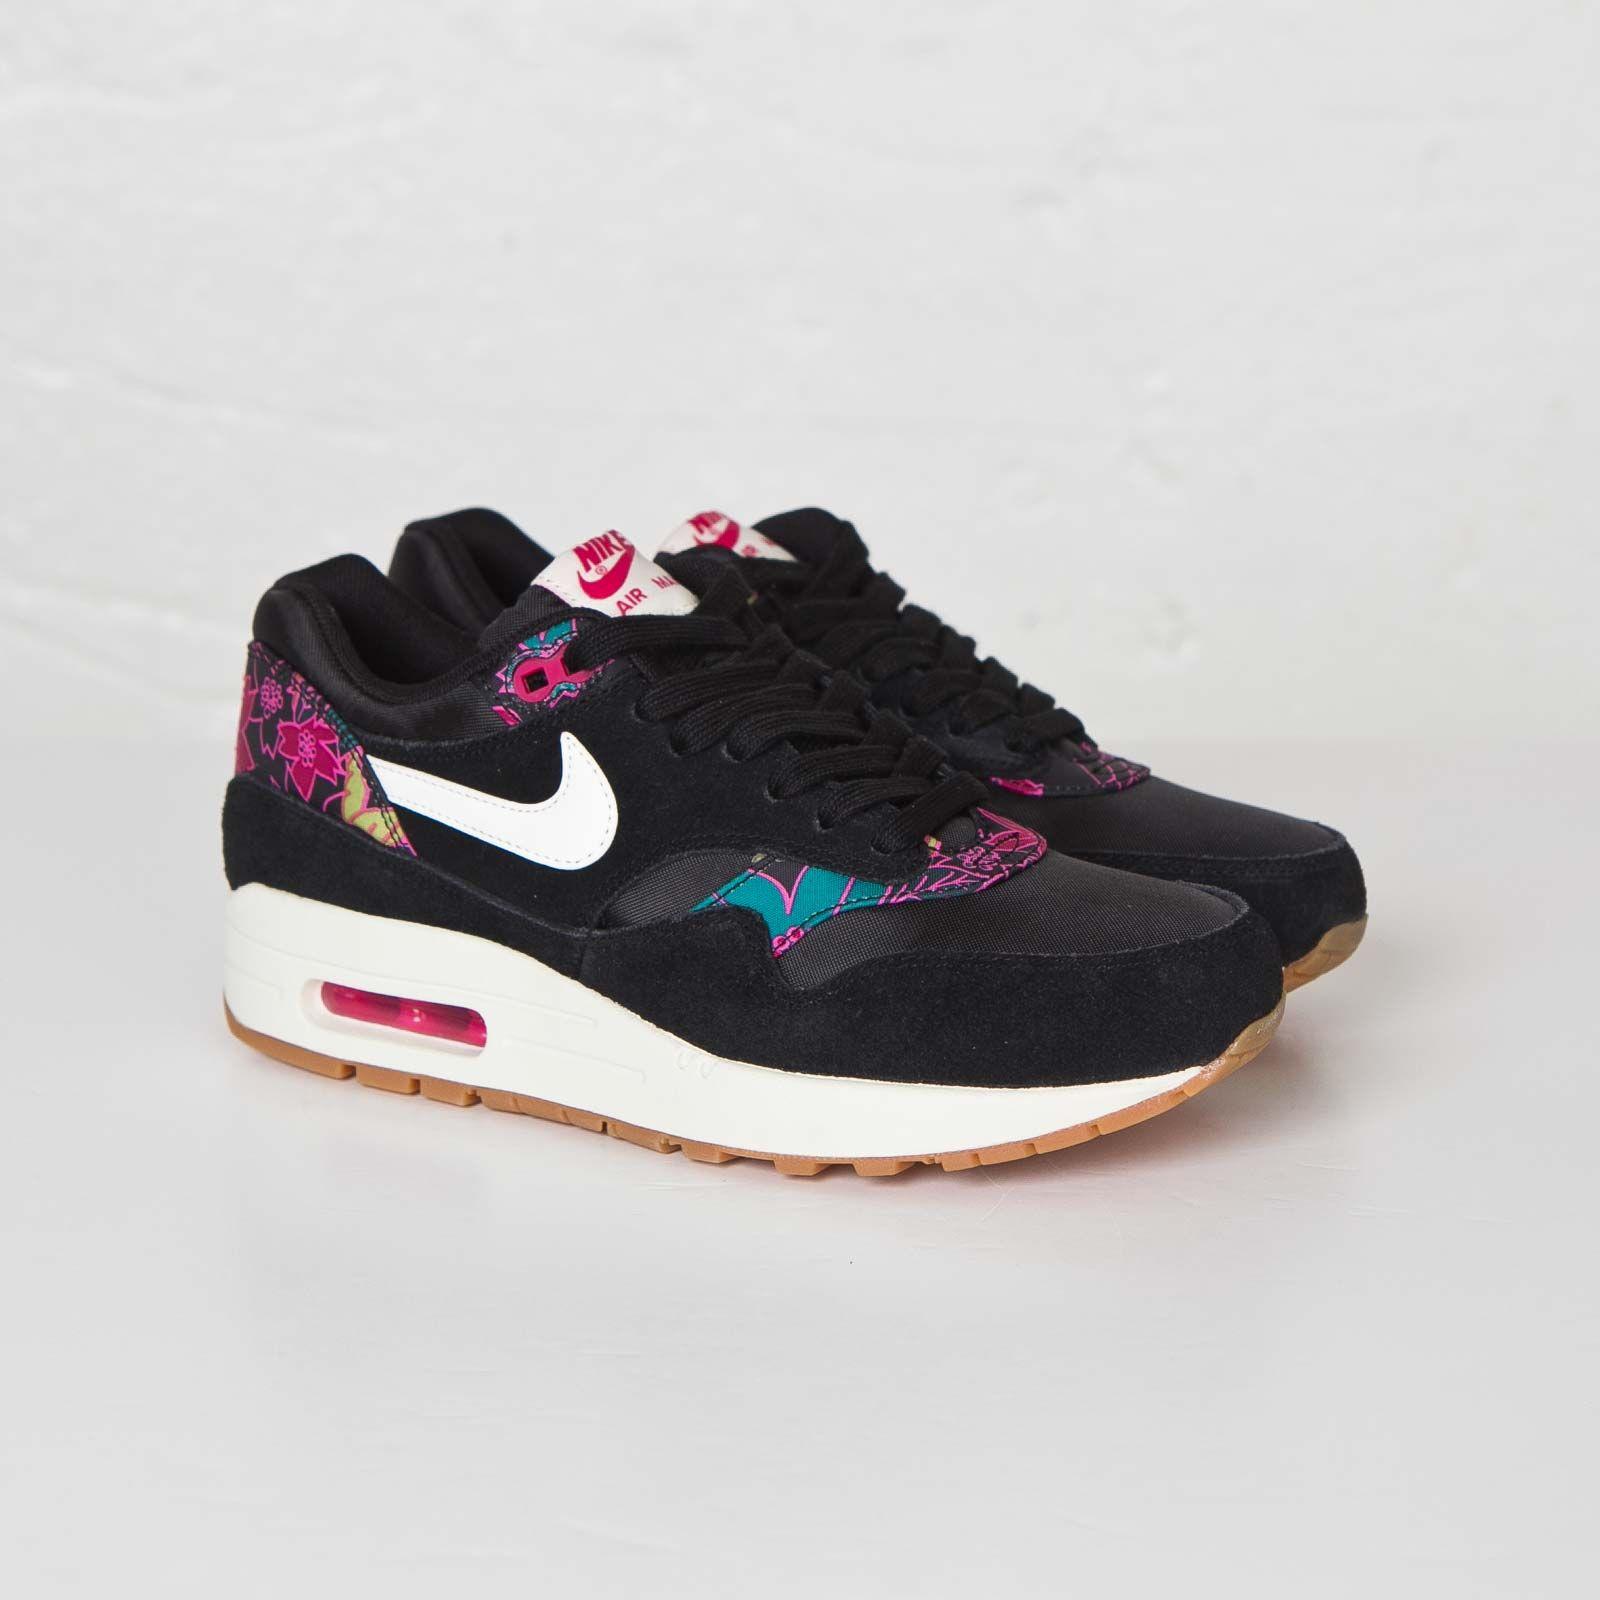 Nike Wmns Air Max 1 Print 528898 004 Sneakersnstuff Sneakers Streetwear Online Since 1999